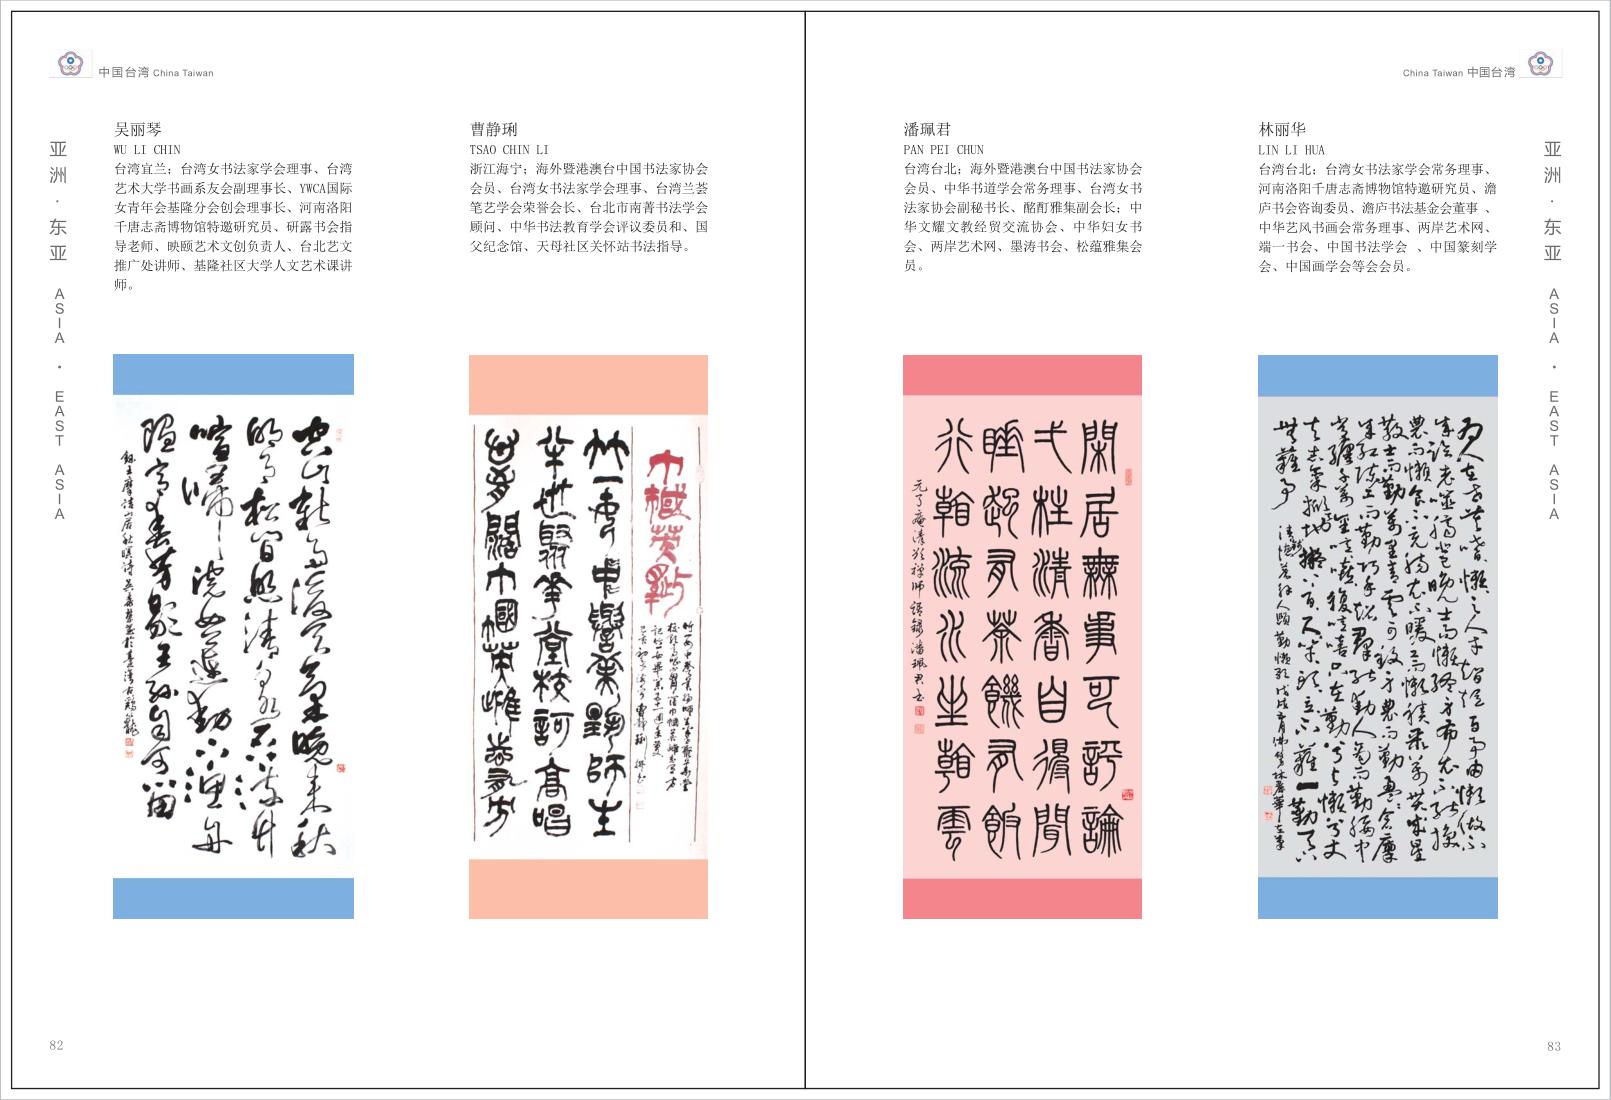 191页2_43.png